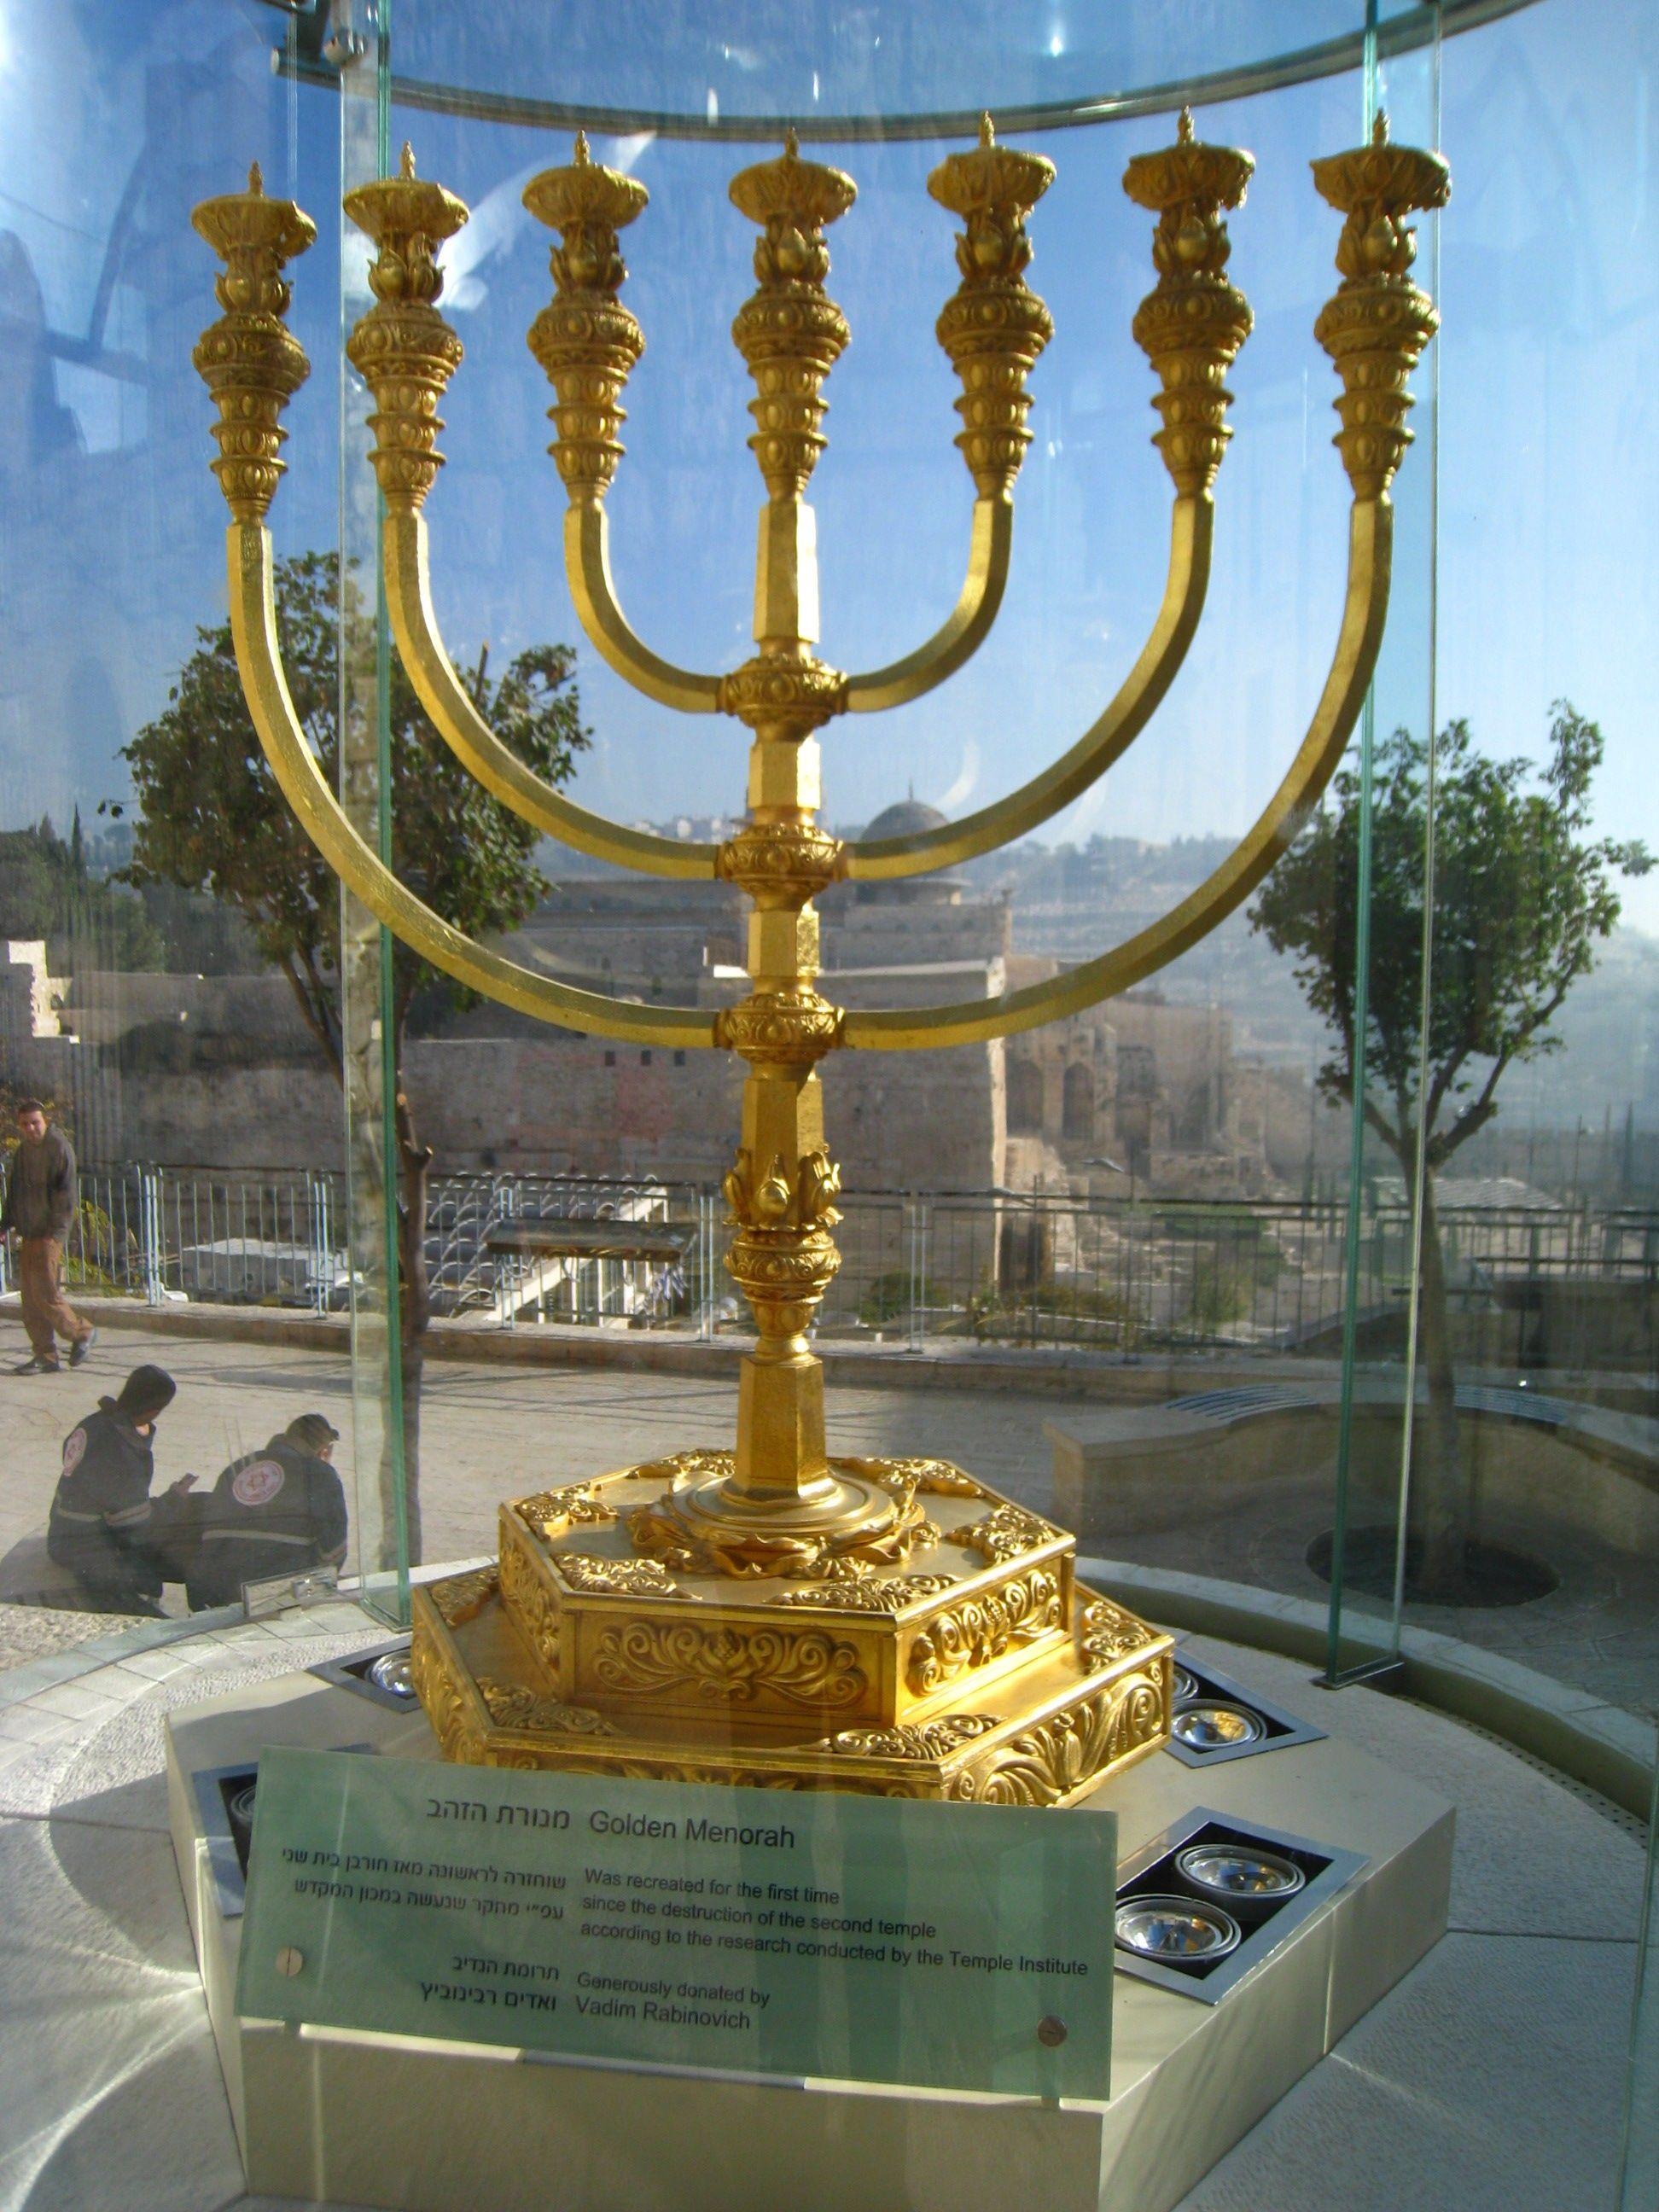 Golden Menorah Menorah